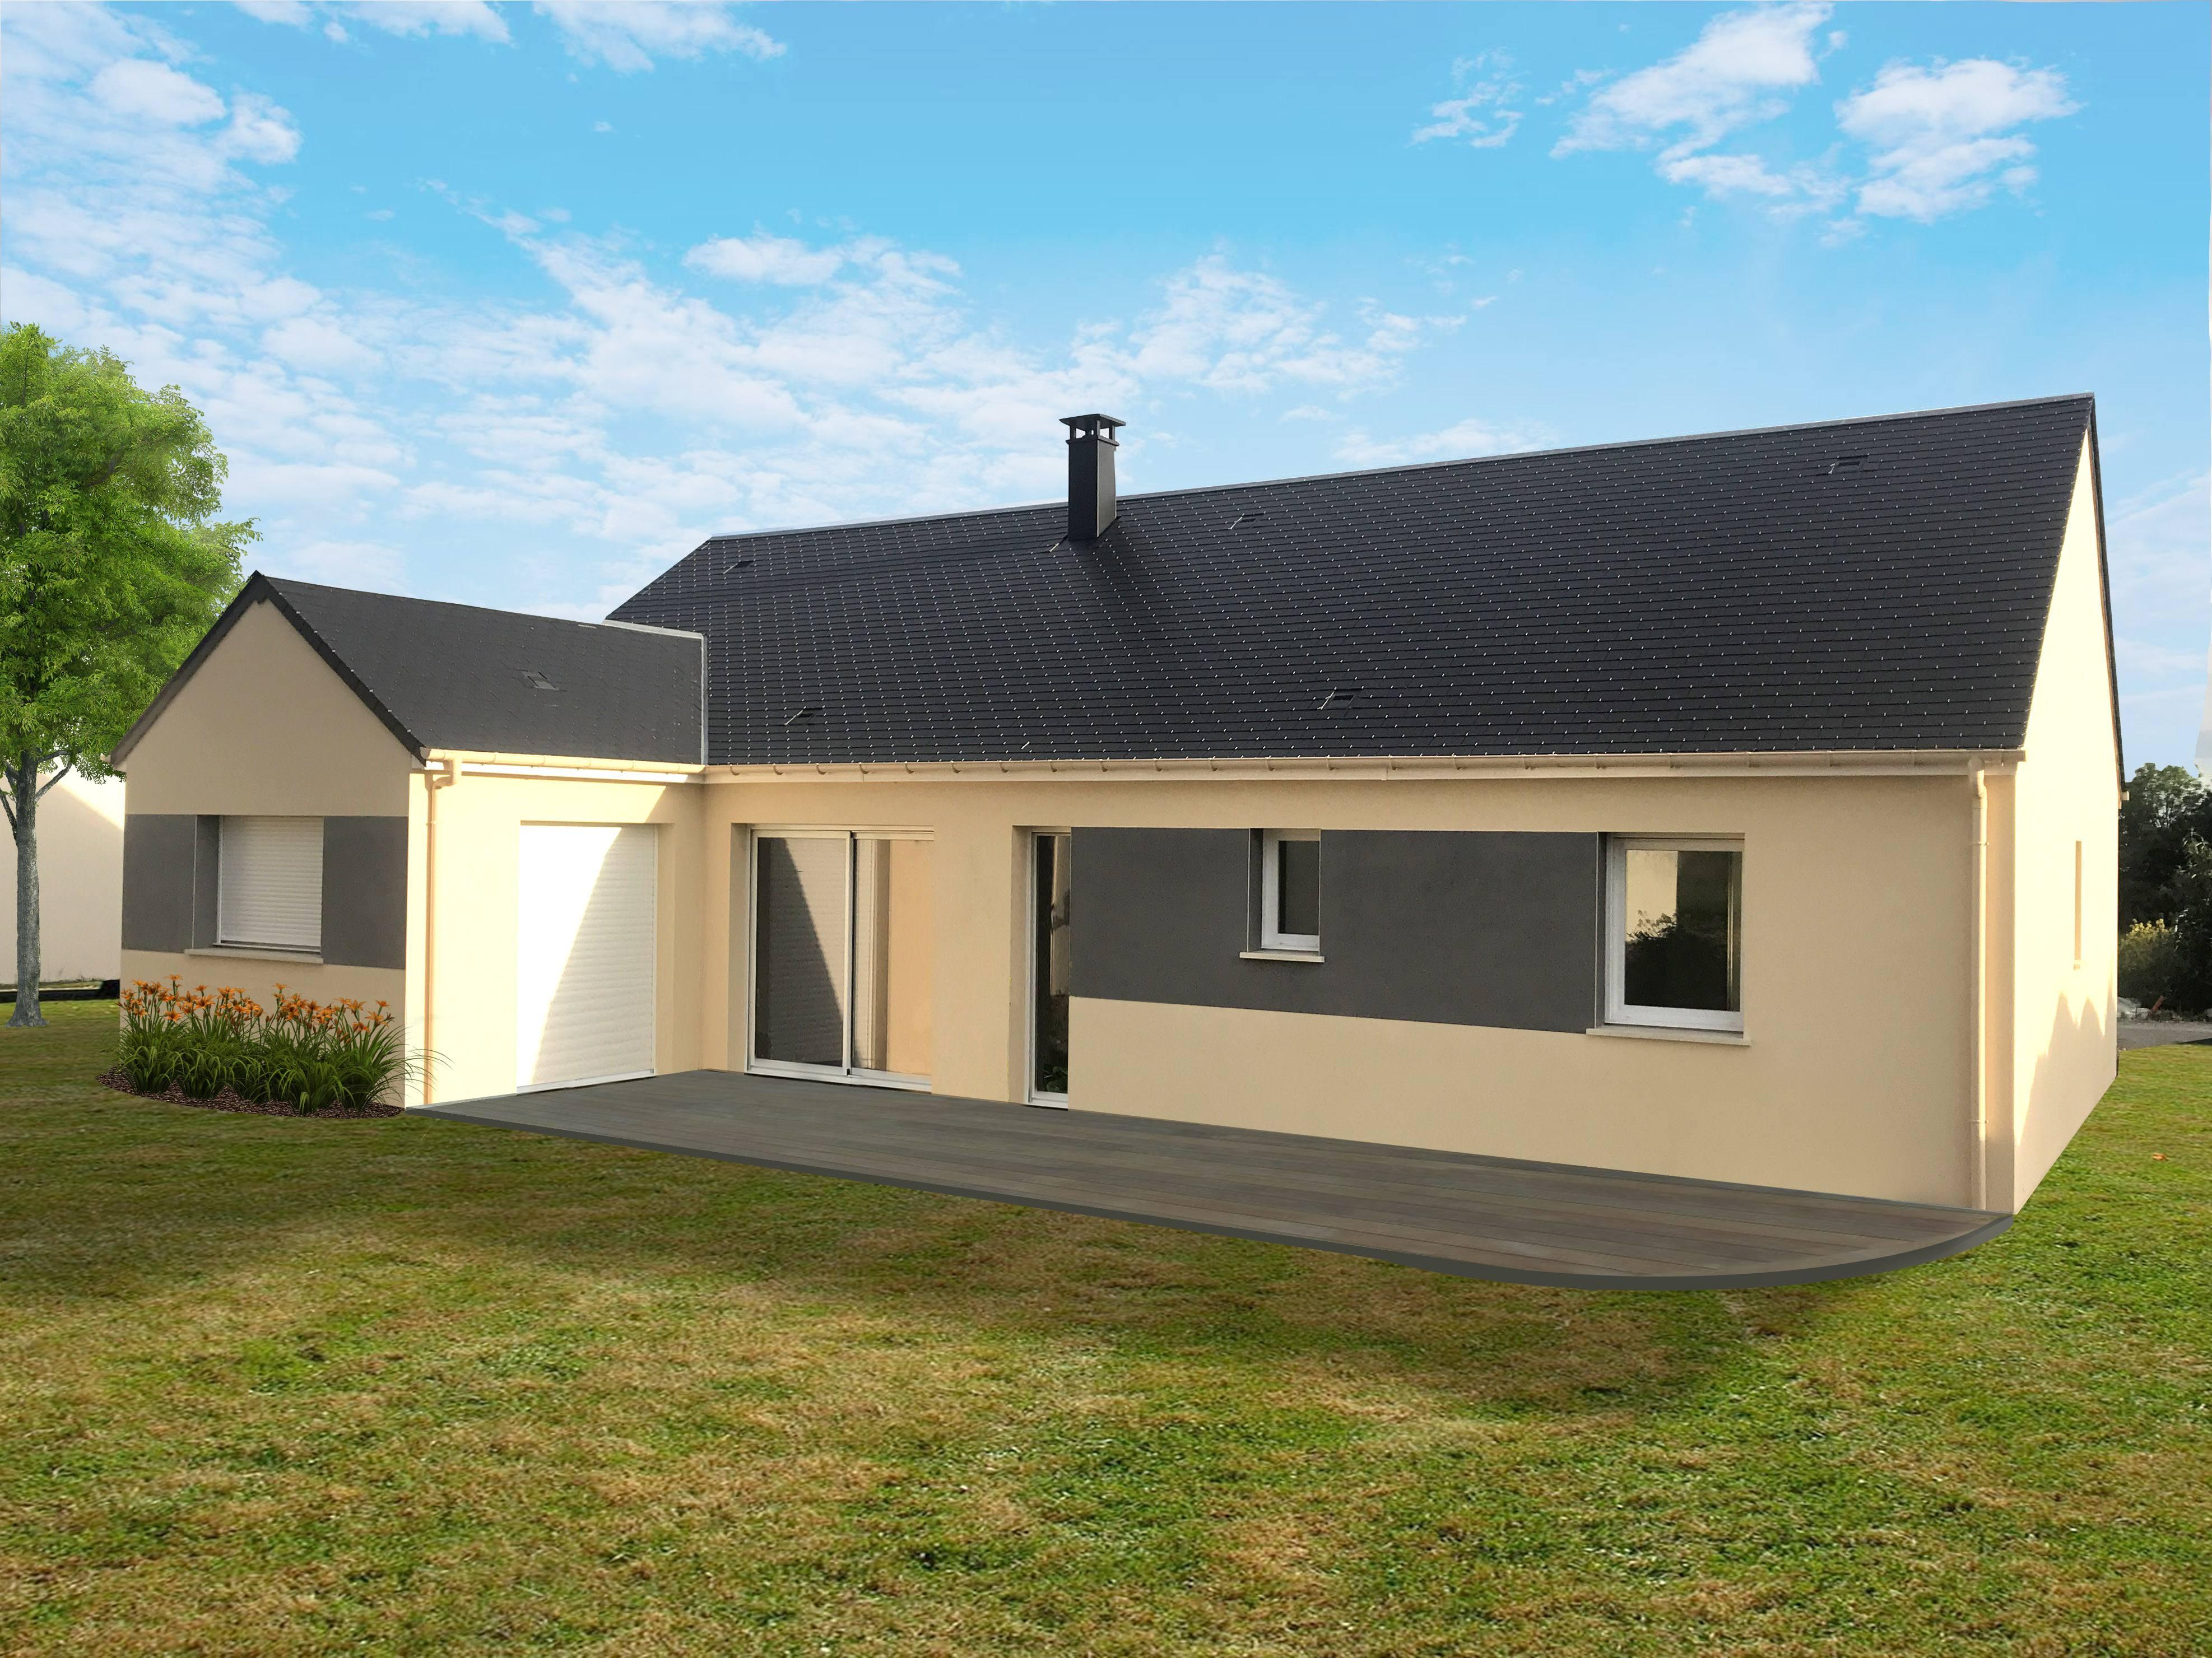 Maisons + Terrains du constructeur MAISON FAMILIALE MANTES • 122 m² • MAULE